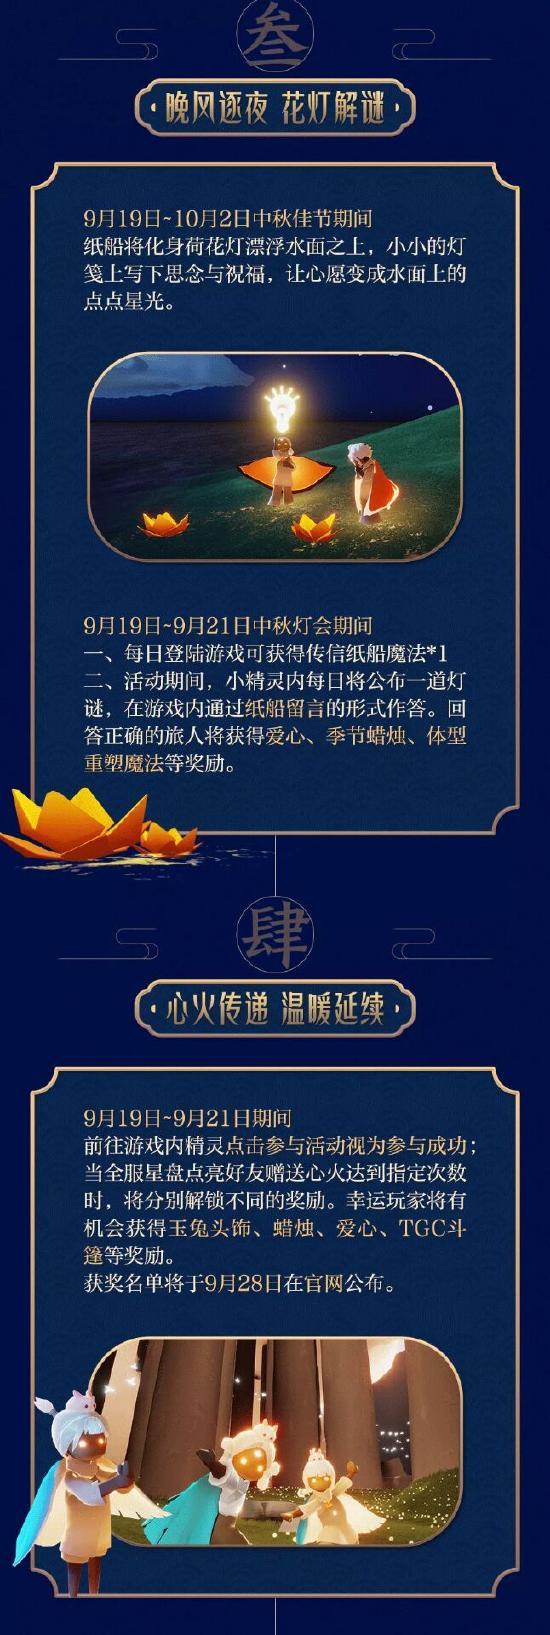 9月16日更新|月华流照,灯火寄愿《光·遇》中秋国庆双节活动即将开启